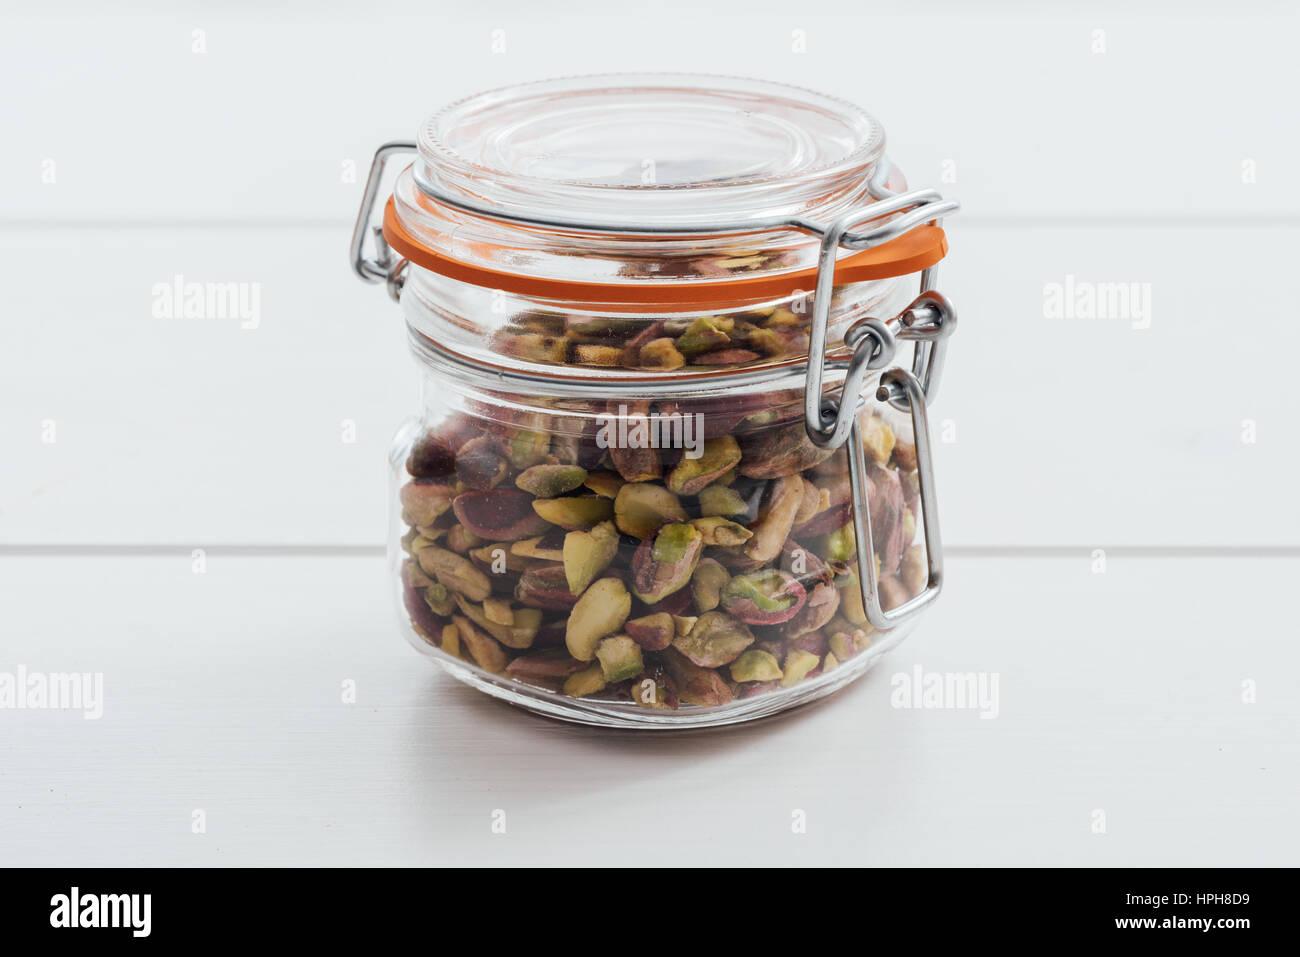 Les pistaches salées rôties dans un bocal en verre avec couvercle Banque D'Images